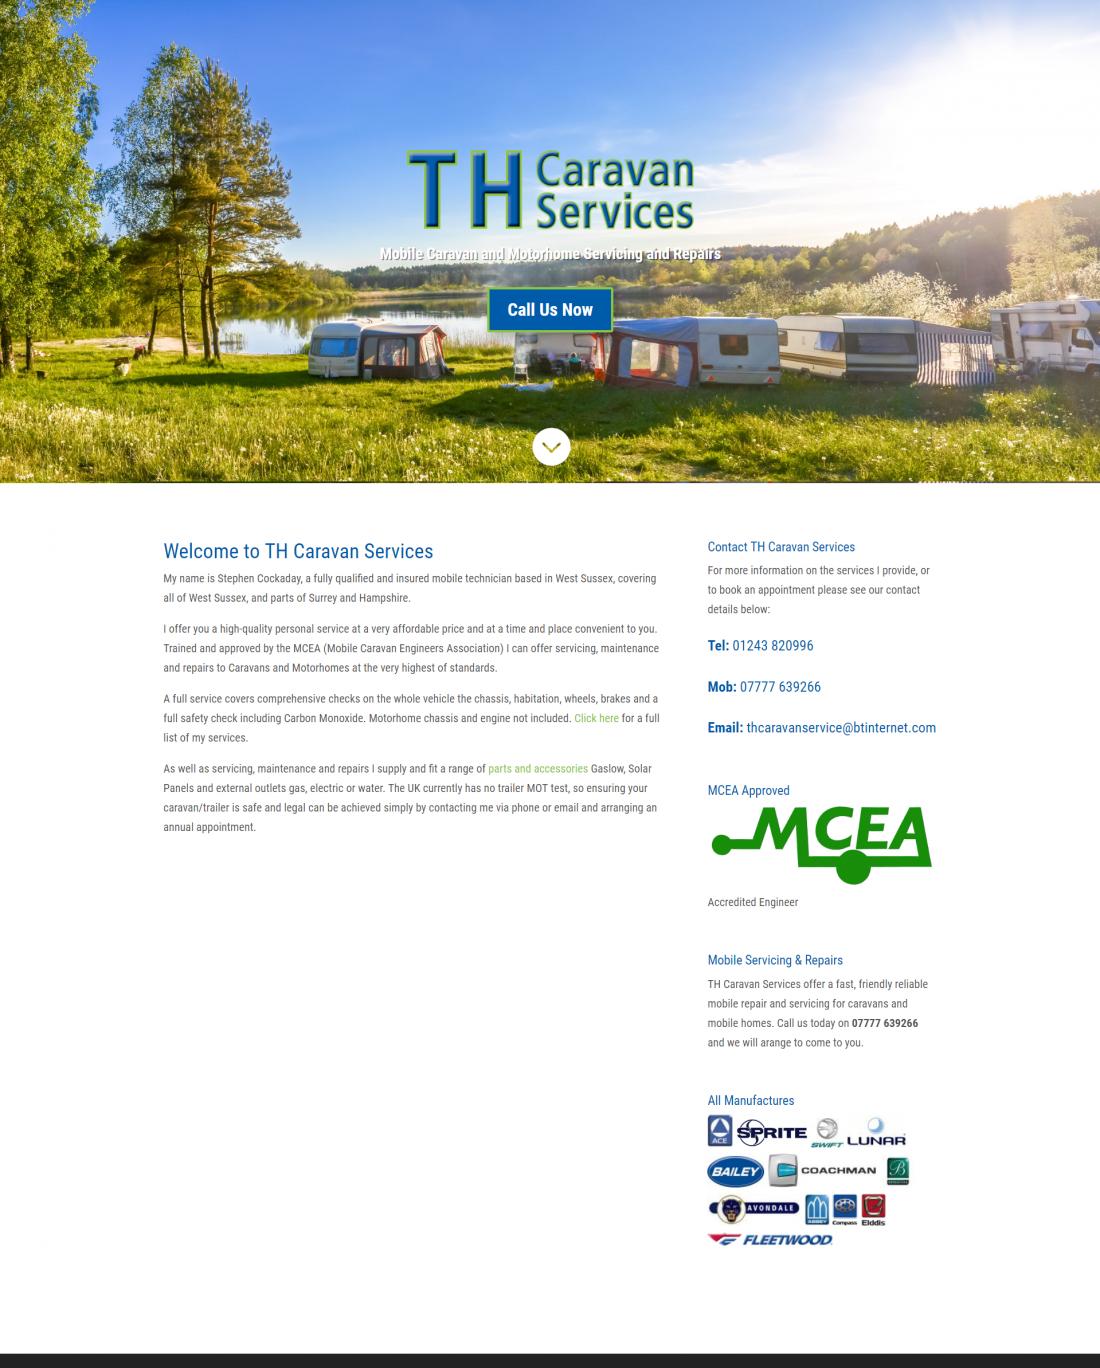 screencapture-thcaravanservices-co-uk-2019-06-10-20_31_48